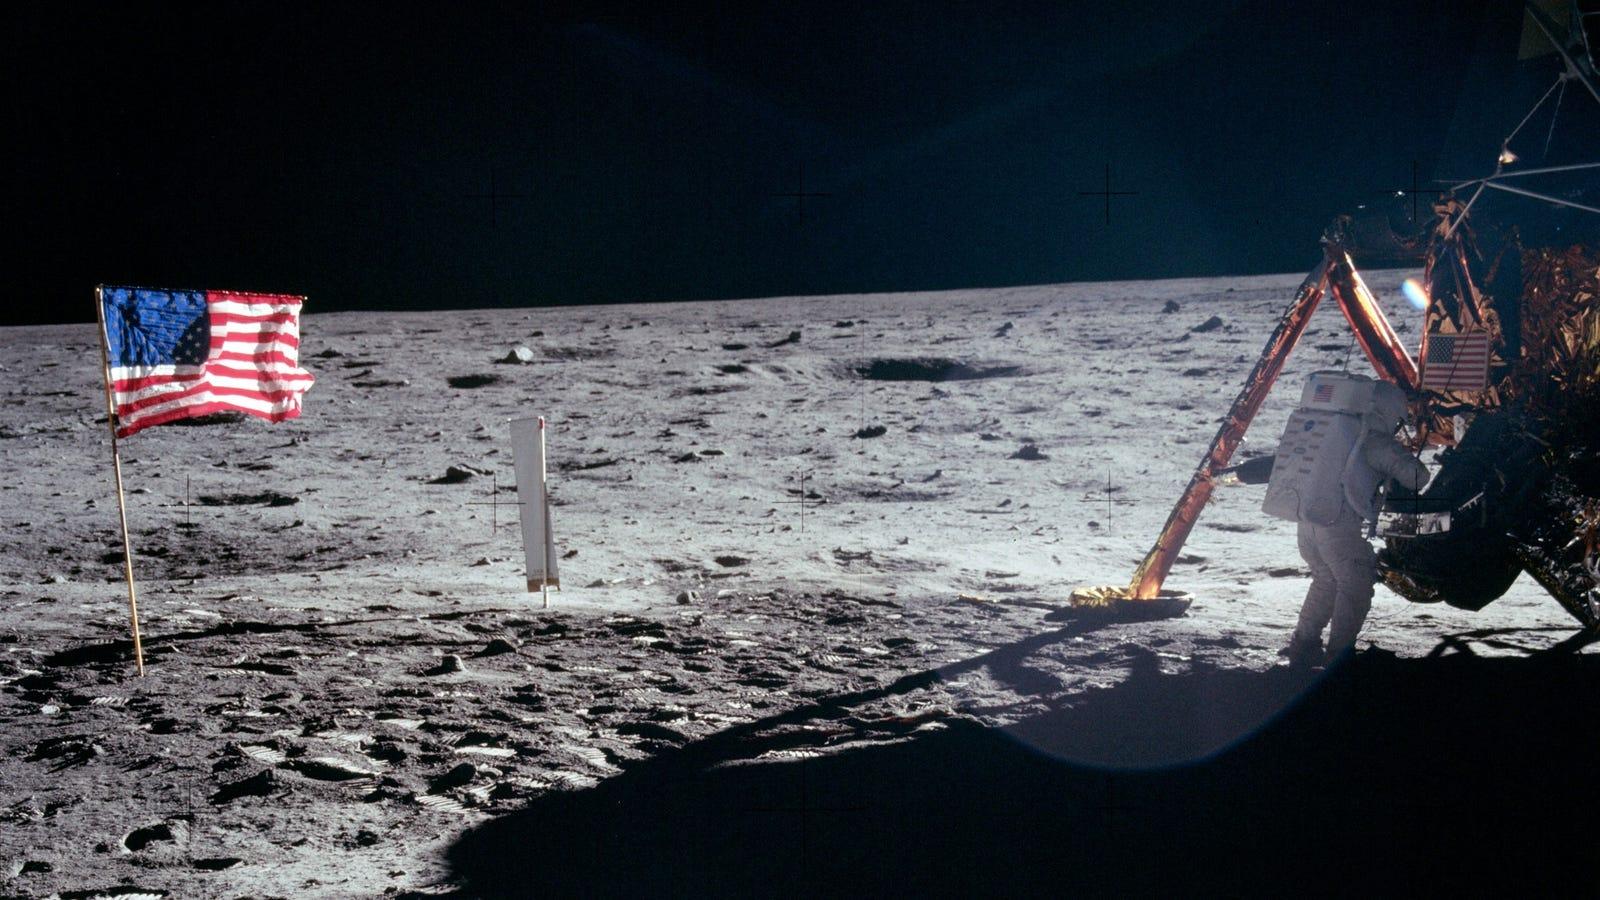 45 años después del Apolo 17, Donald Trump ordena a la NASA una misión tripulada a la Luna